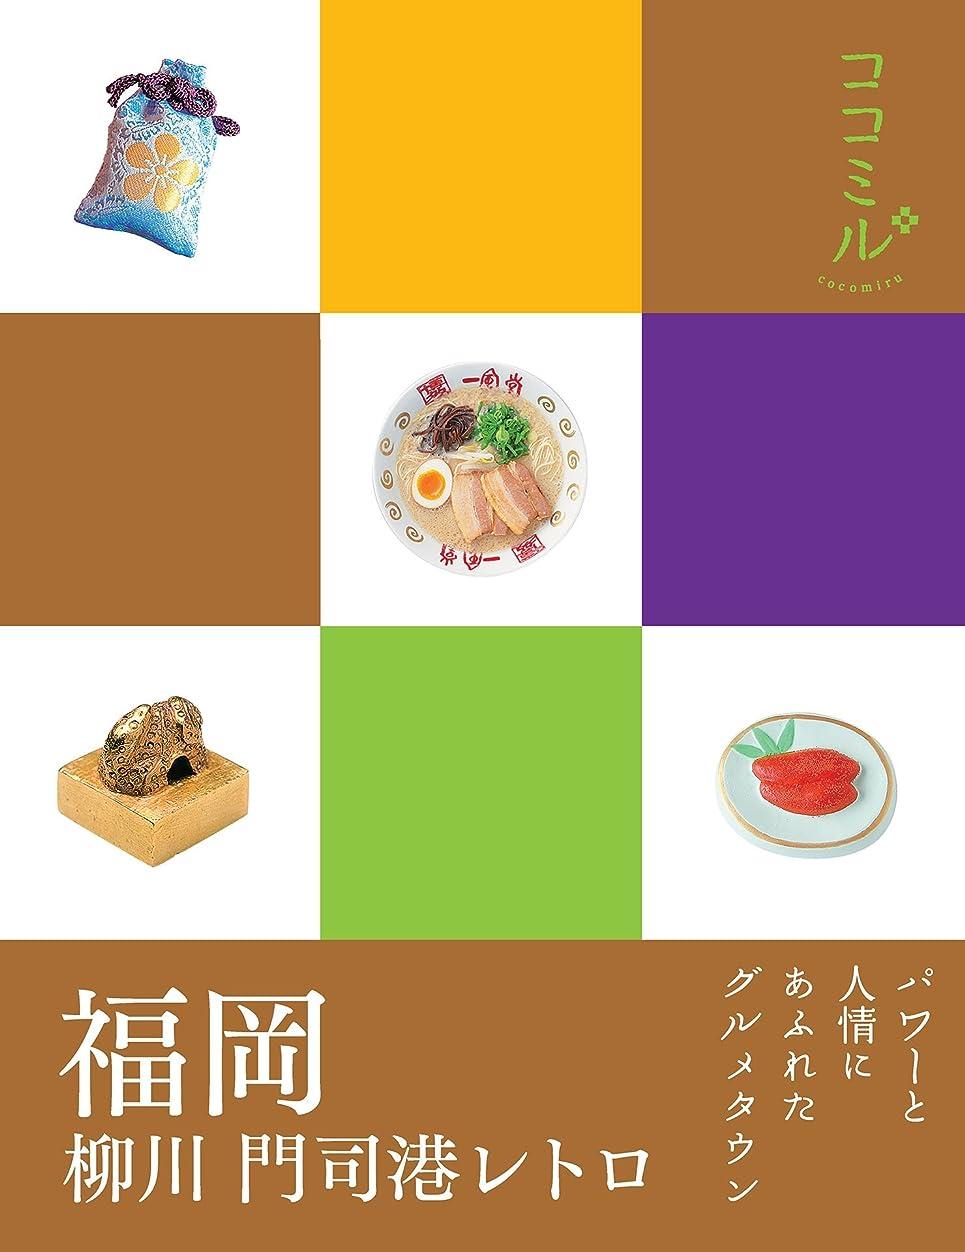 忠実なコメンテーター机ココミル 福岡 柳川 門司港レトロ(2019年版)